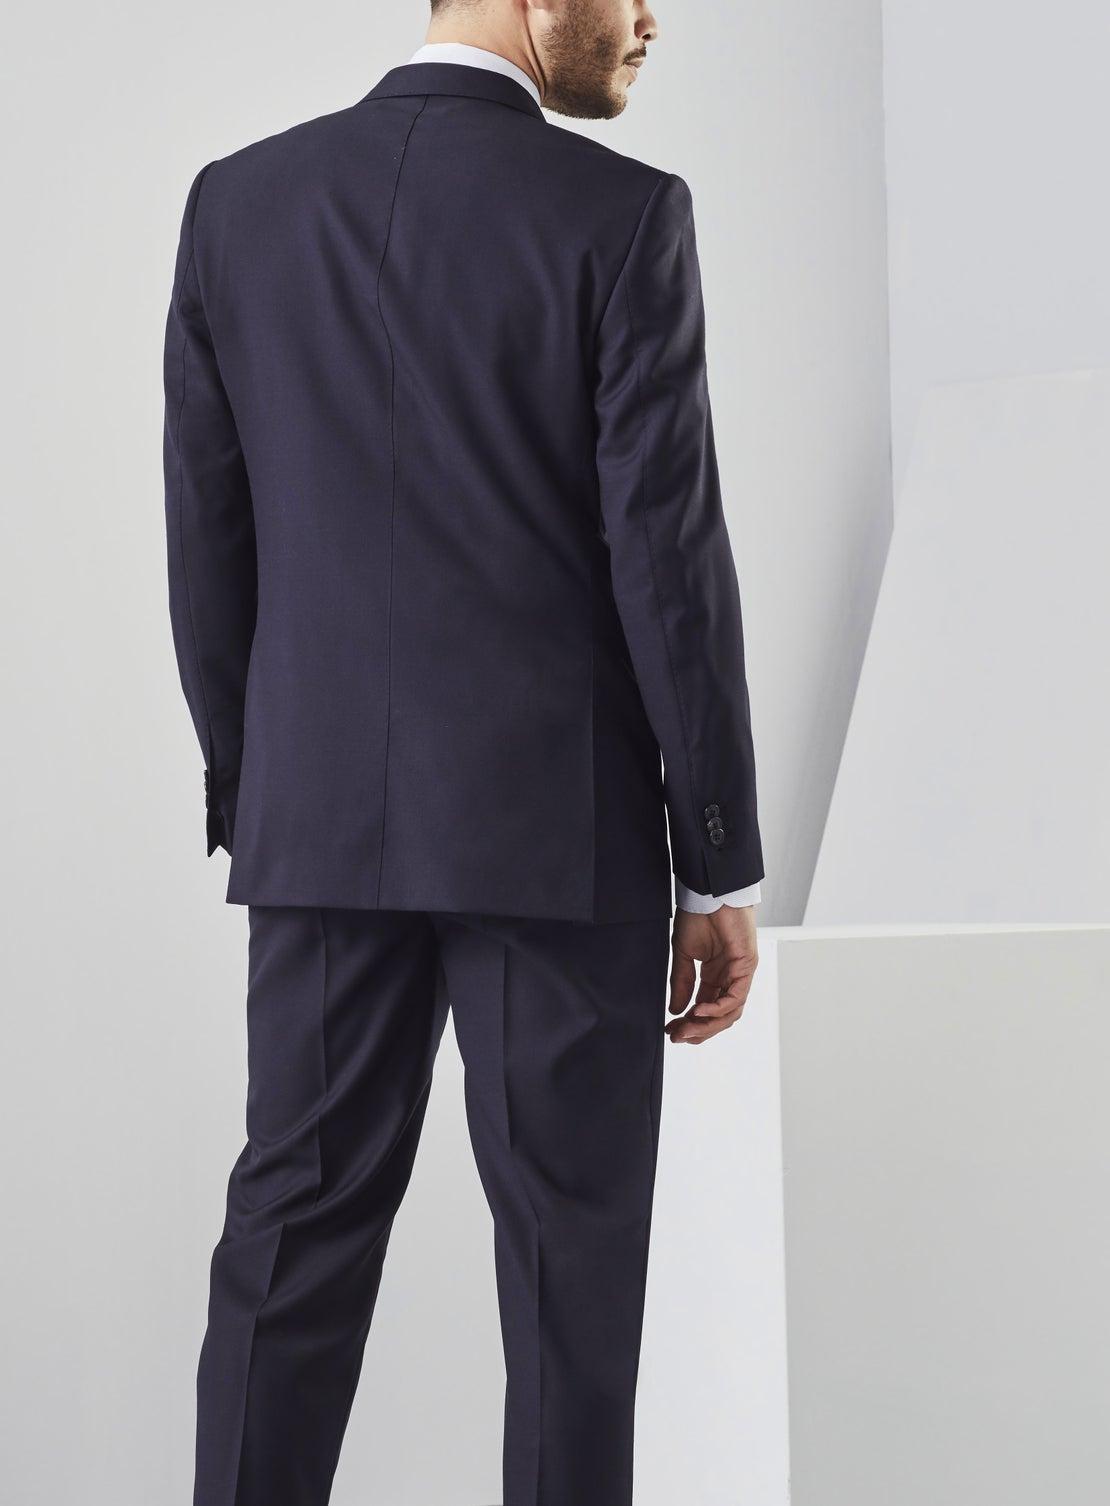 Navy Textured Suit Jacket